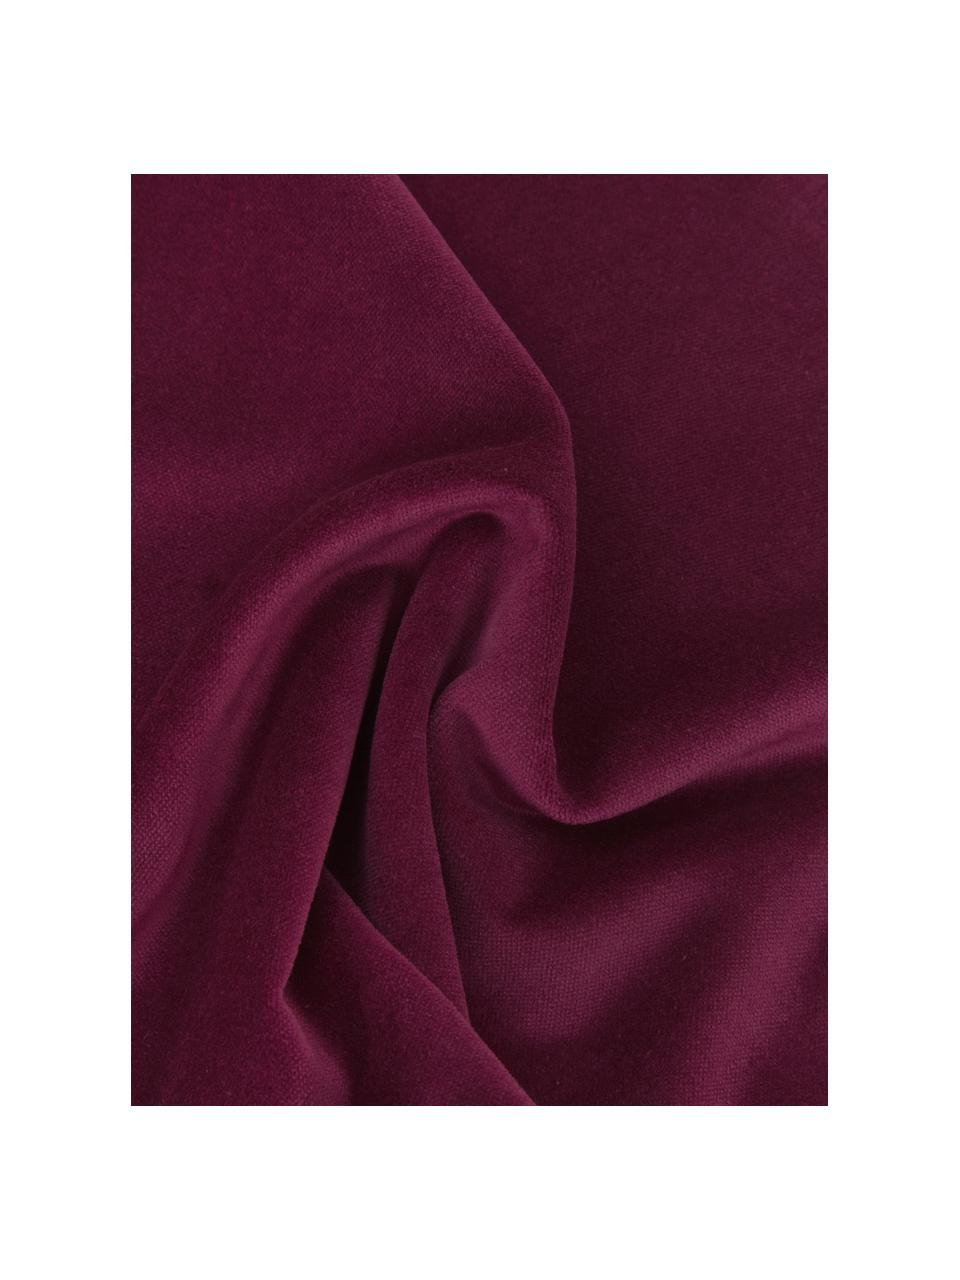 Einfarbige Samt-Kissenhülle Dana in Weinrot, 100% Baumwollsamt, Weinrot, 30 x 50 cm